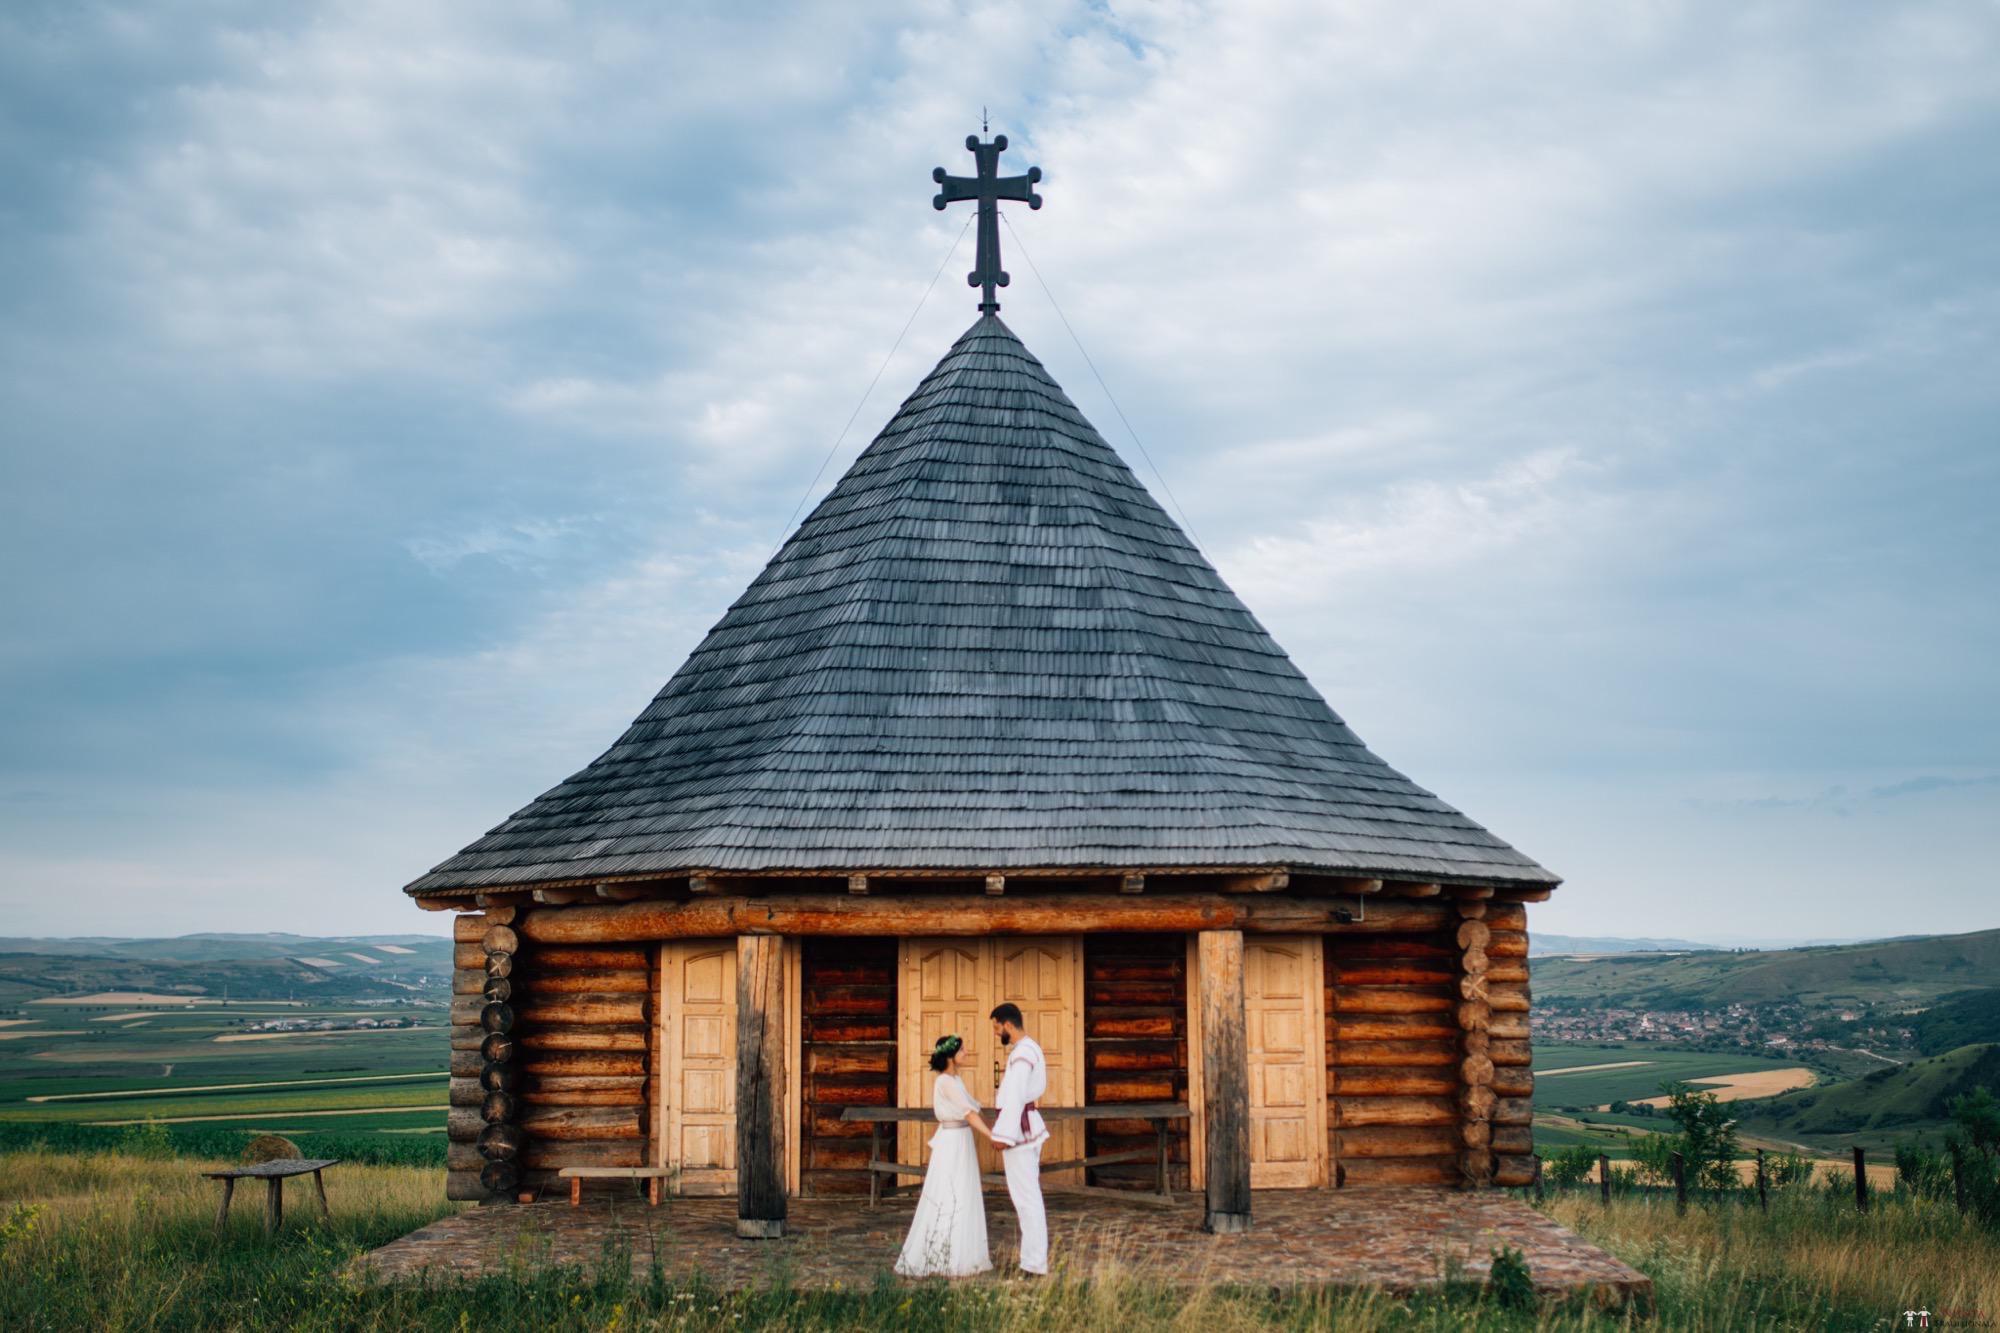 Povești Nunți Tradiționale - Diana și Bogdan. Nuntă tradițională în Găbud, Alba 37